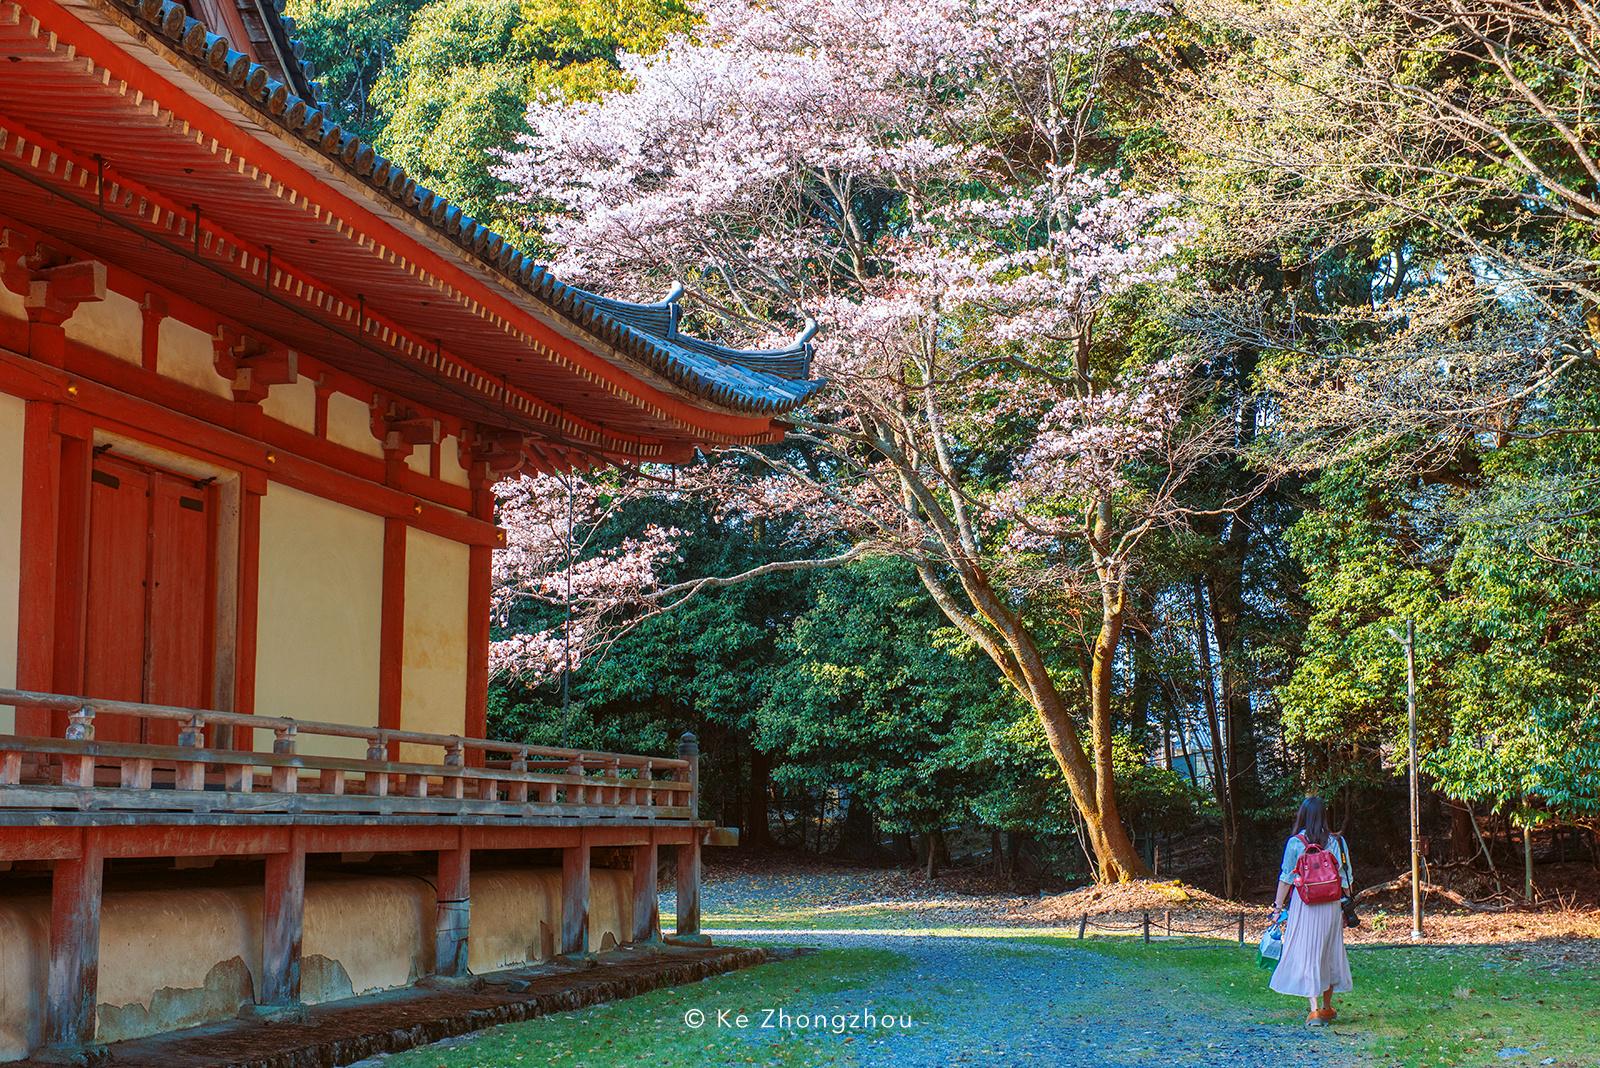 日本樱花季旅游|摄影|风光|KeZhongzhou - 原创